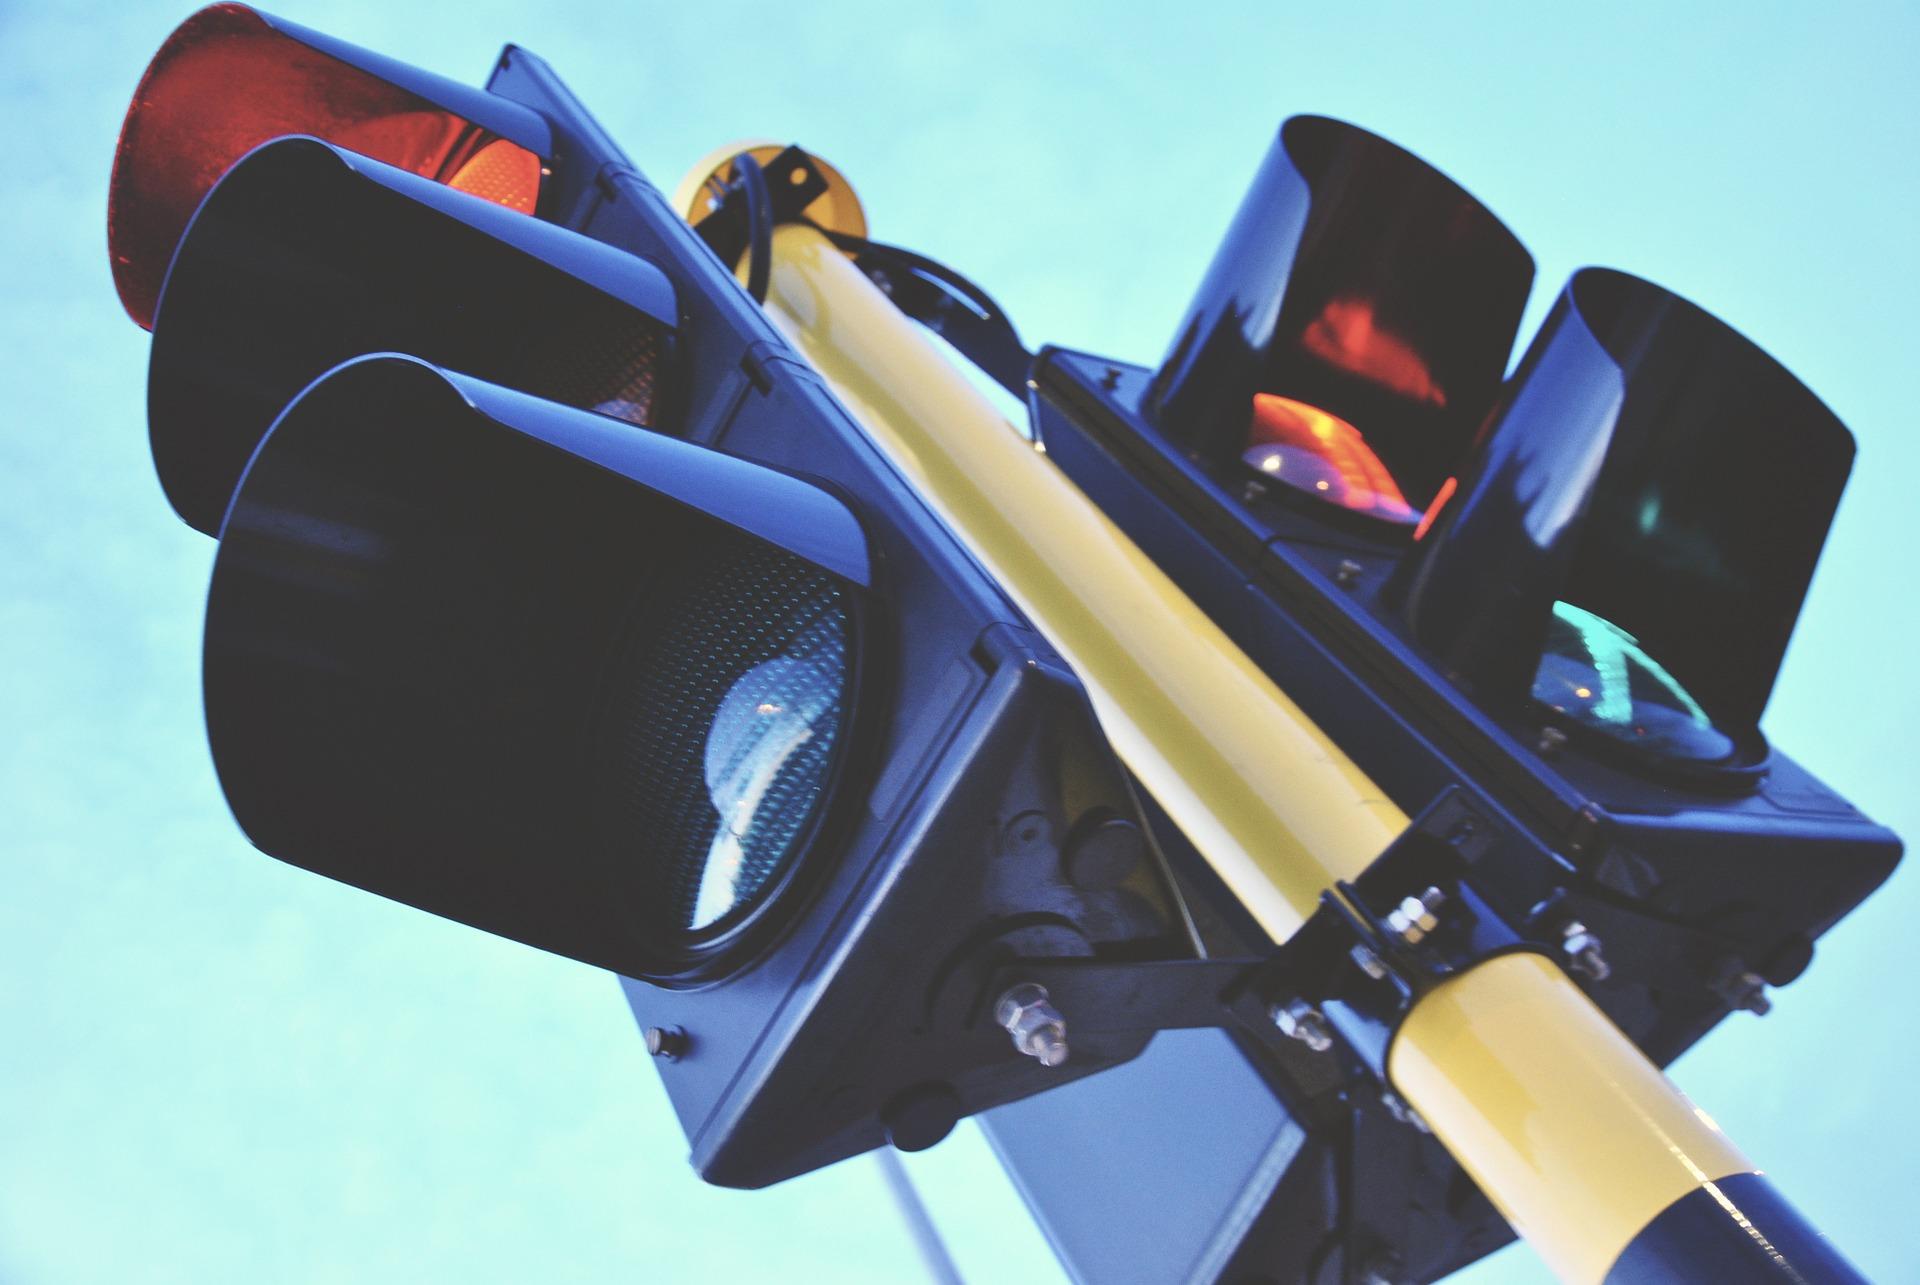 traffic-light-1360645_1920